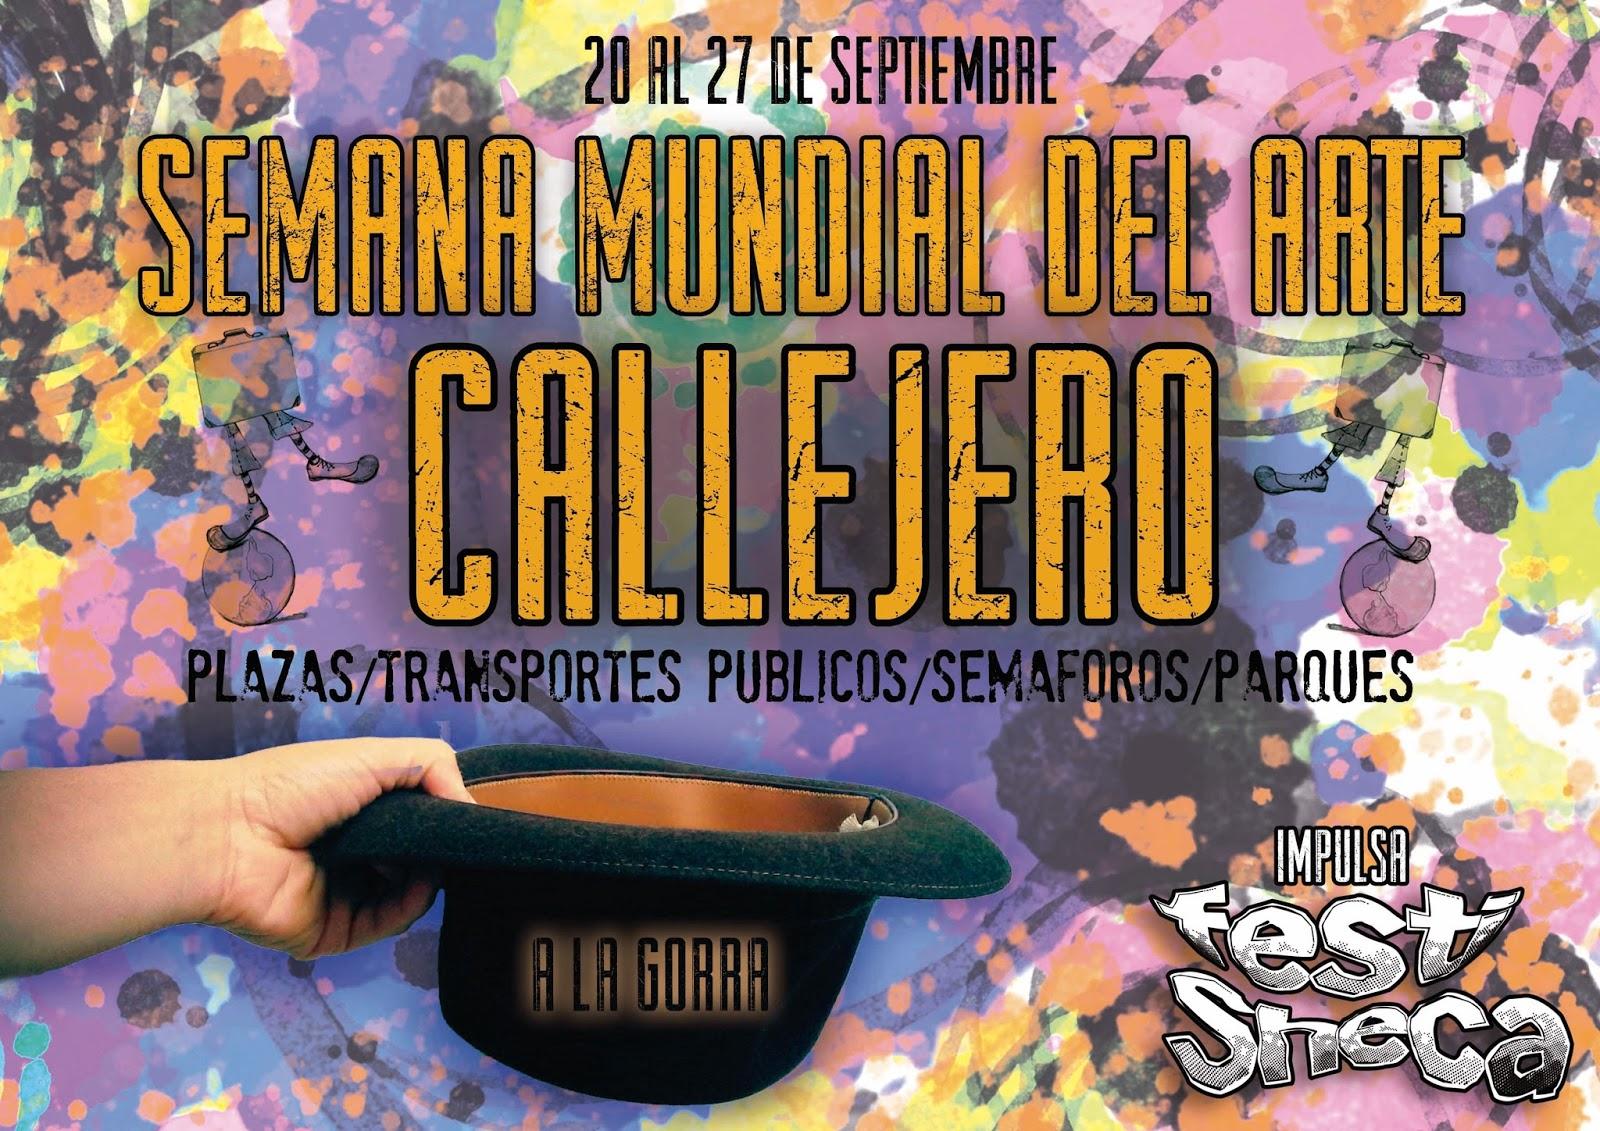 Arranca la Semana Mundial del Arte Callejero